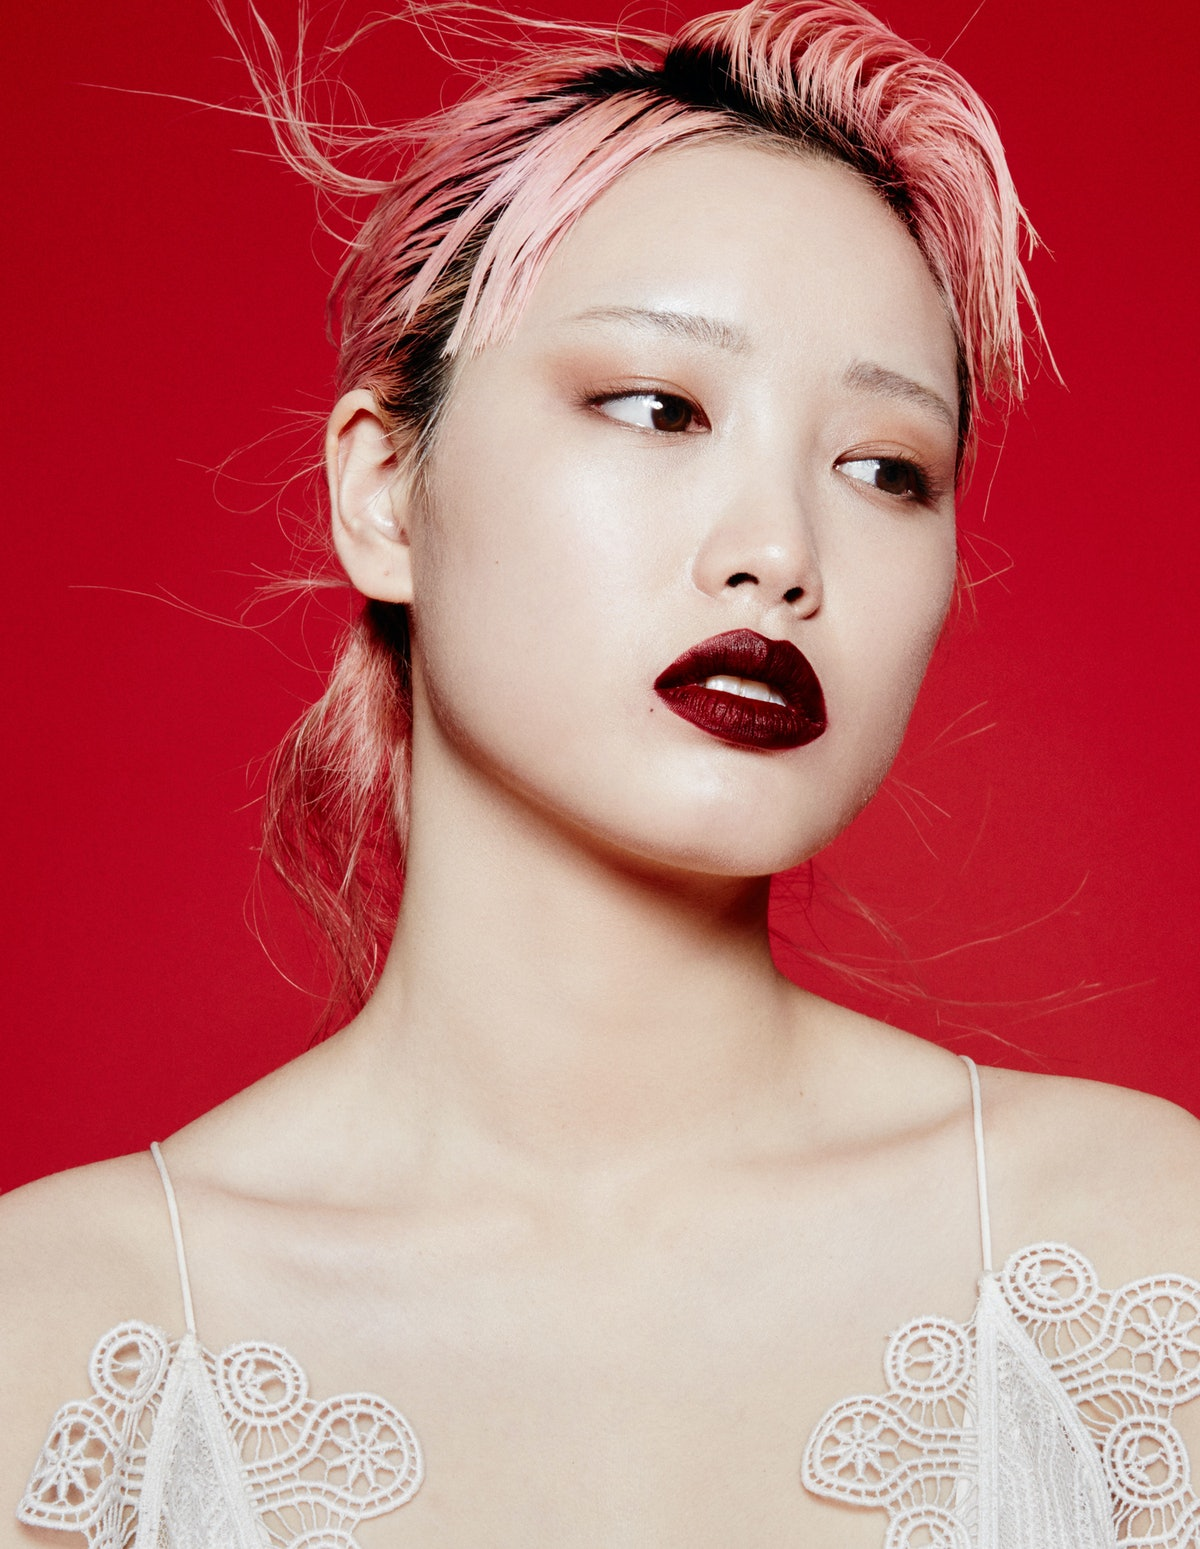 fernanda-ly-model-hair